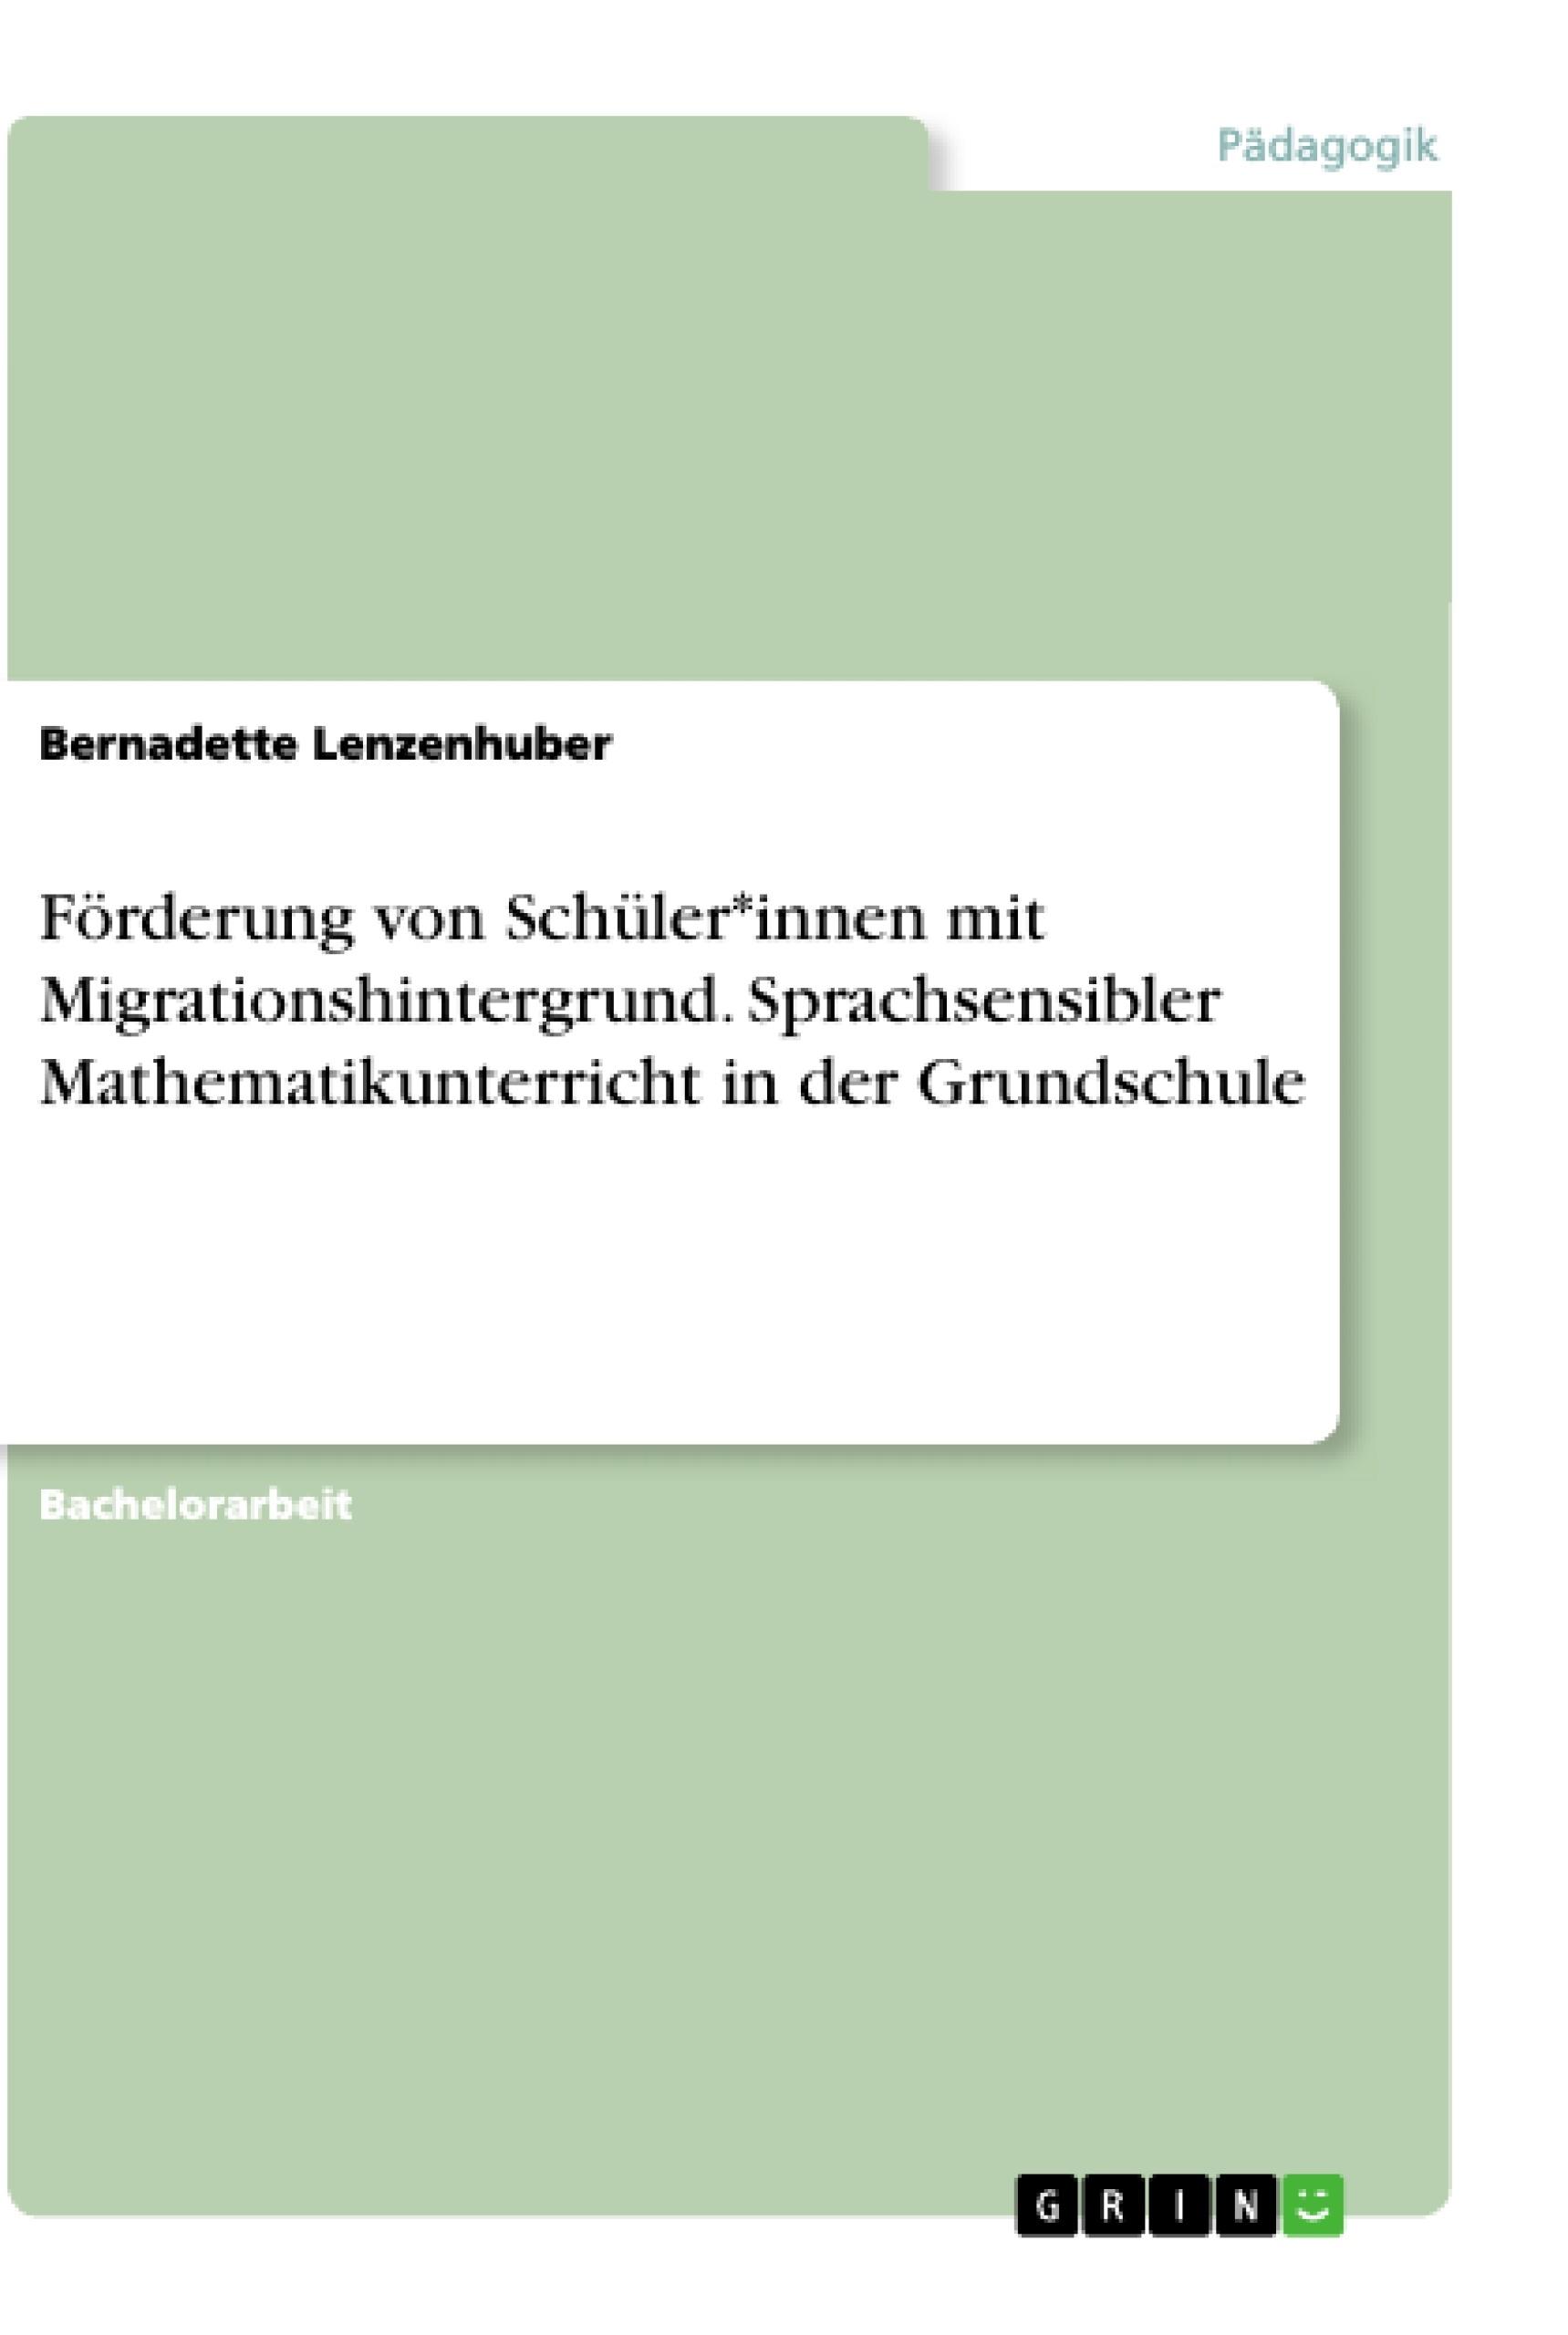 Titel: Förderung von Schüler*innen mit Migrationshintergrund. Sprachsensibler Mathematikunterricht in der Grundschule